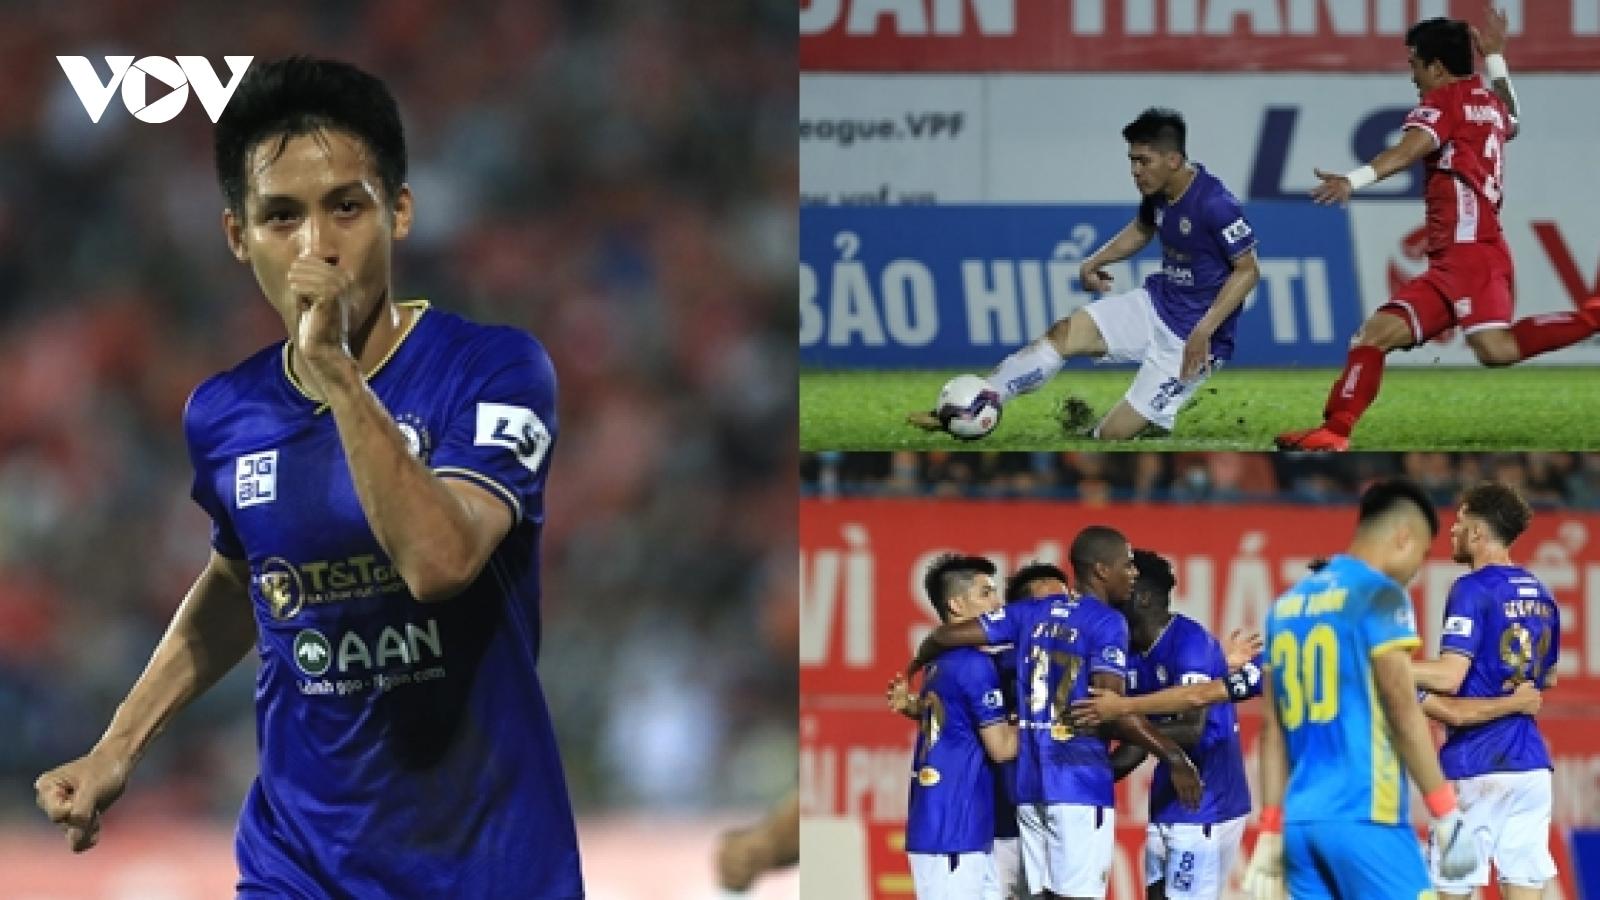 Hải Phòng 0-2 Hà Nội FC: Dàn tuyển thủ Việt Nam thi nhau tỏa sáng